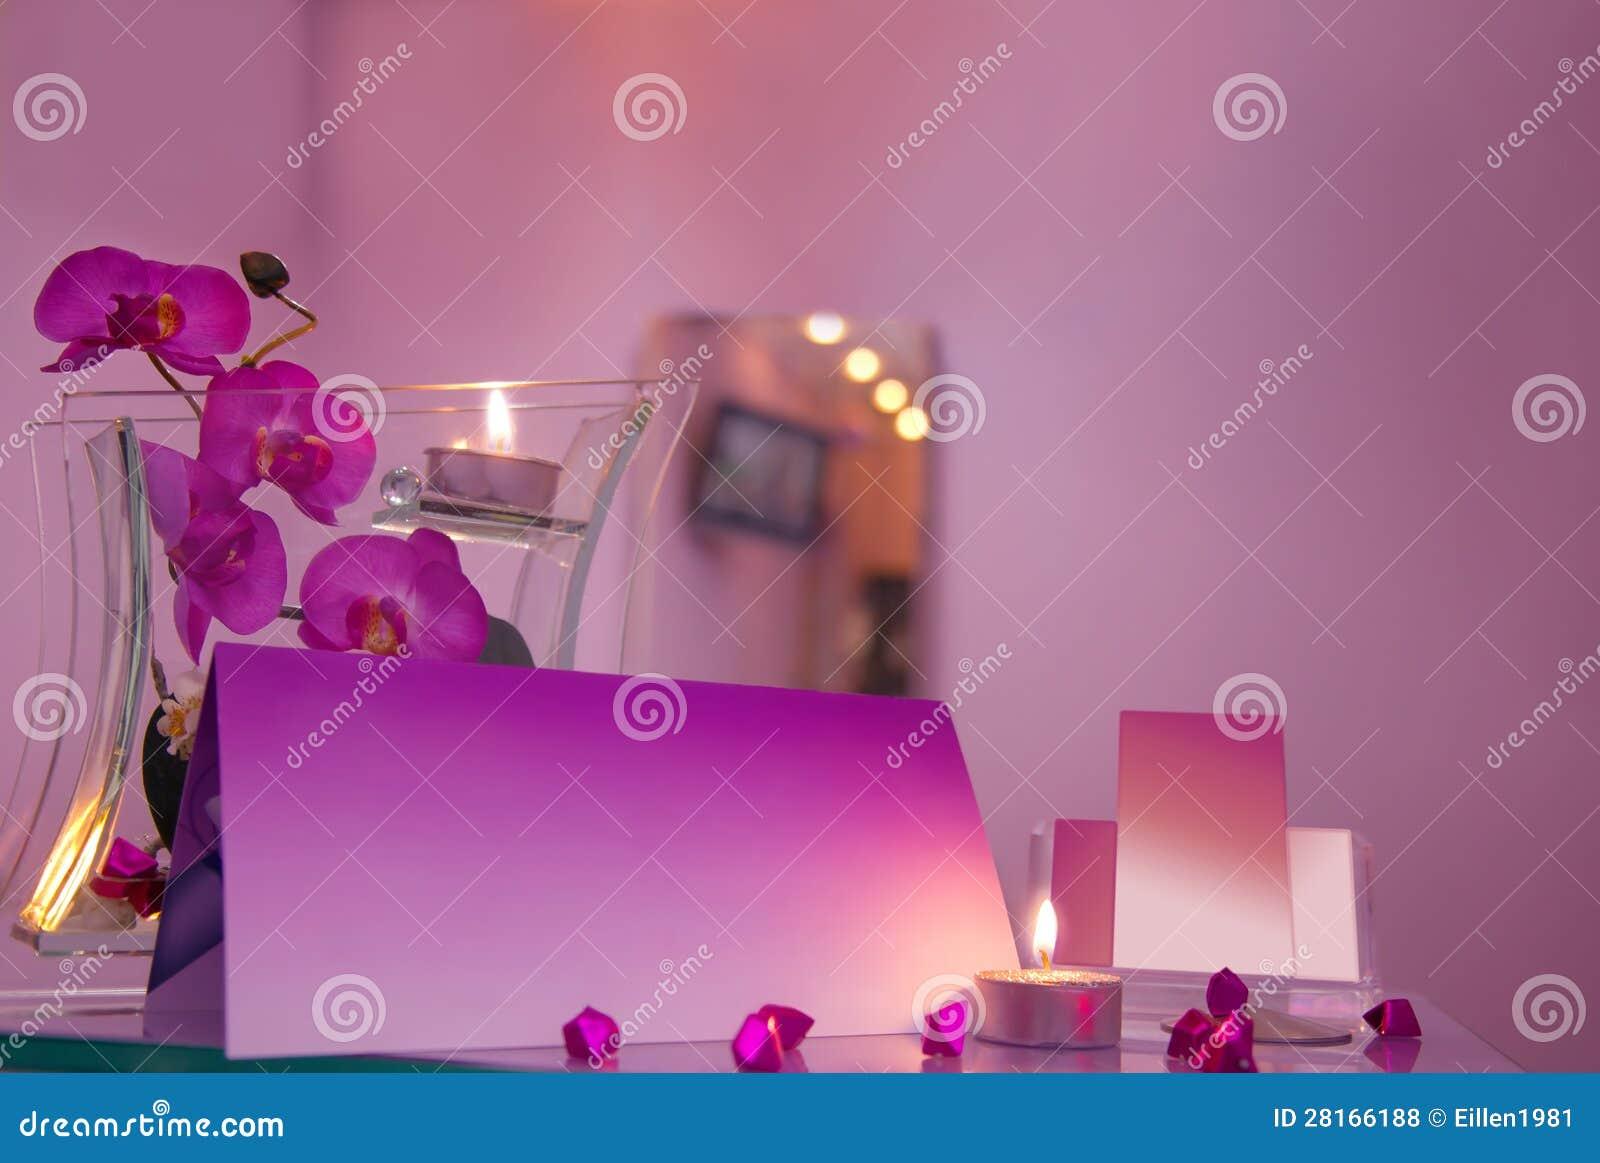 Salon De Coiffure Luxe Avec Les Cartes Visite Professionnelle Vierges